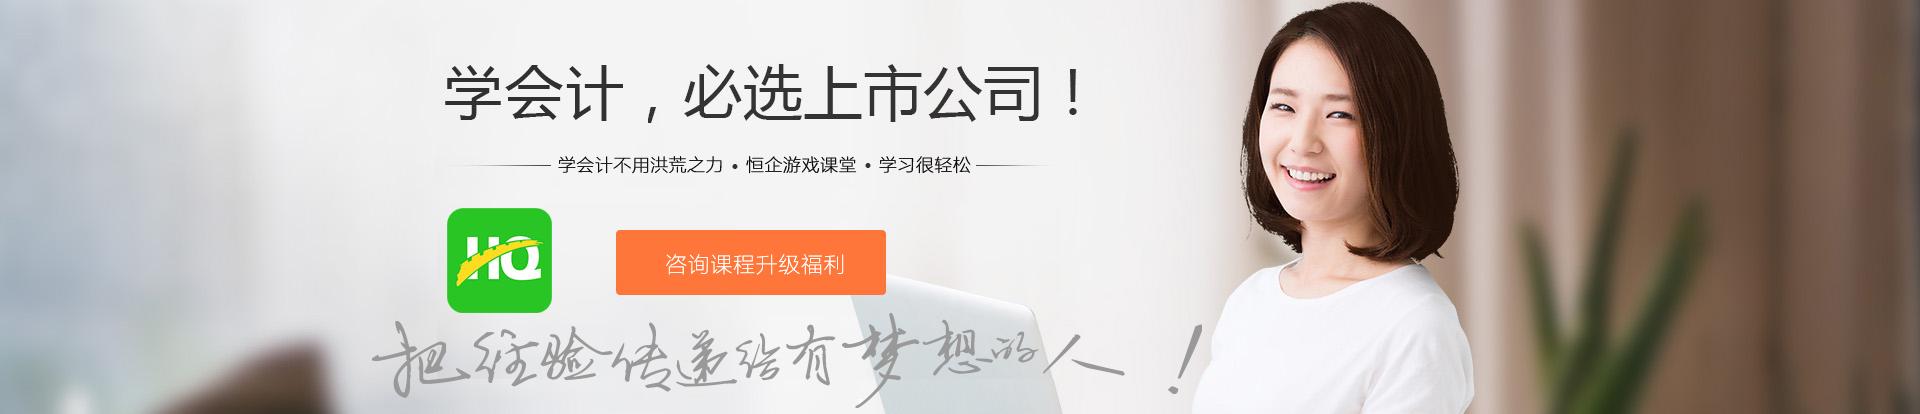 隆回恒企会计合乐彩票app学校 横幅广告